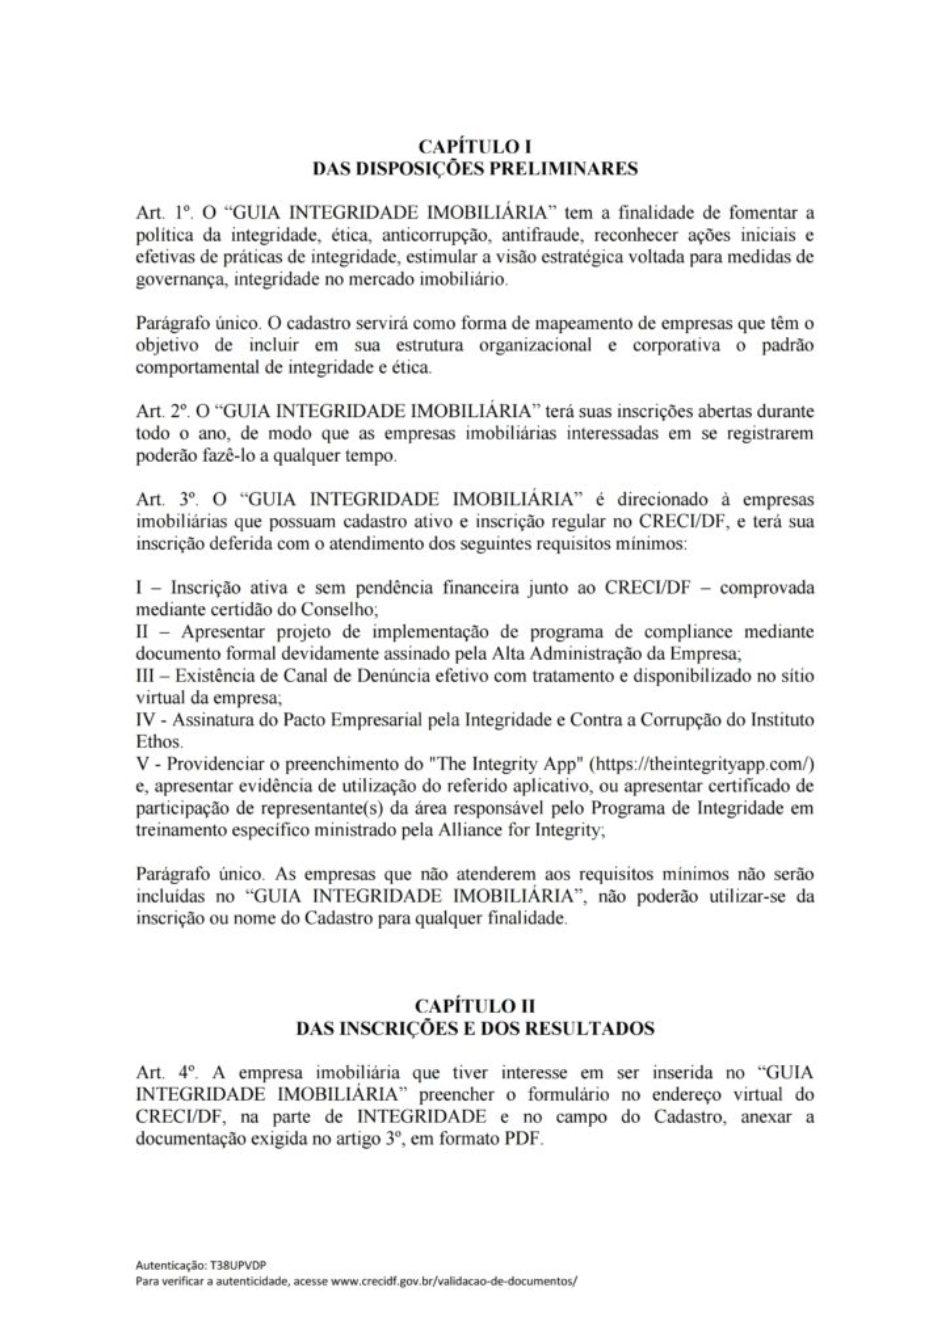 PORTARIA Nº 57 - GUIA INTEGRIDADE IMOBILIÁRIA - FINAL.pdf_page_2